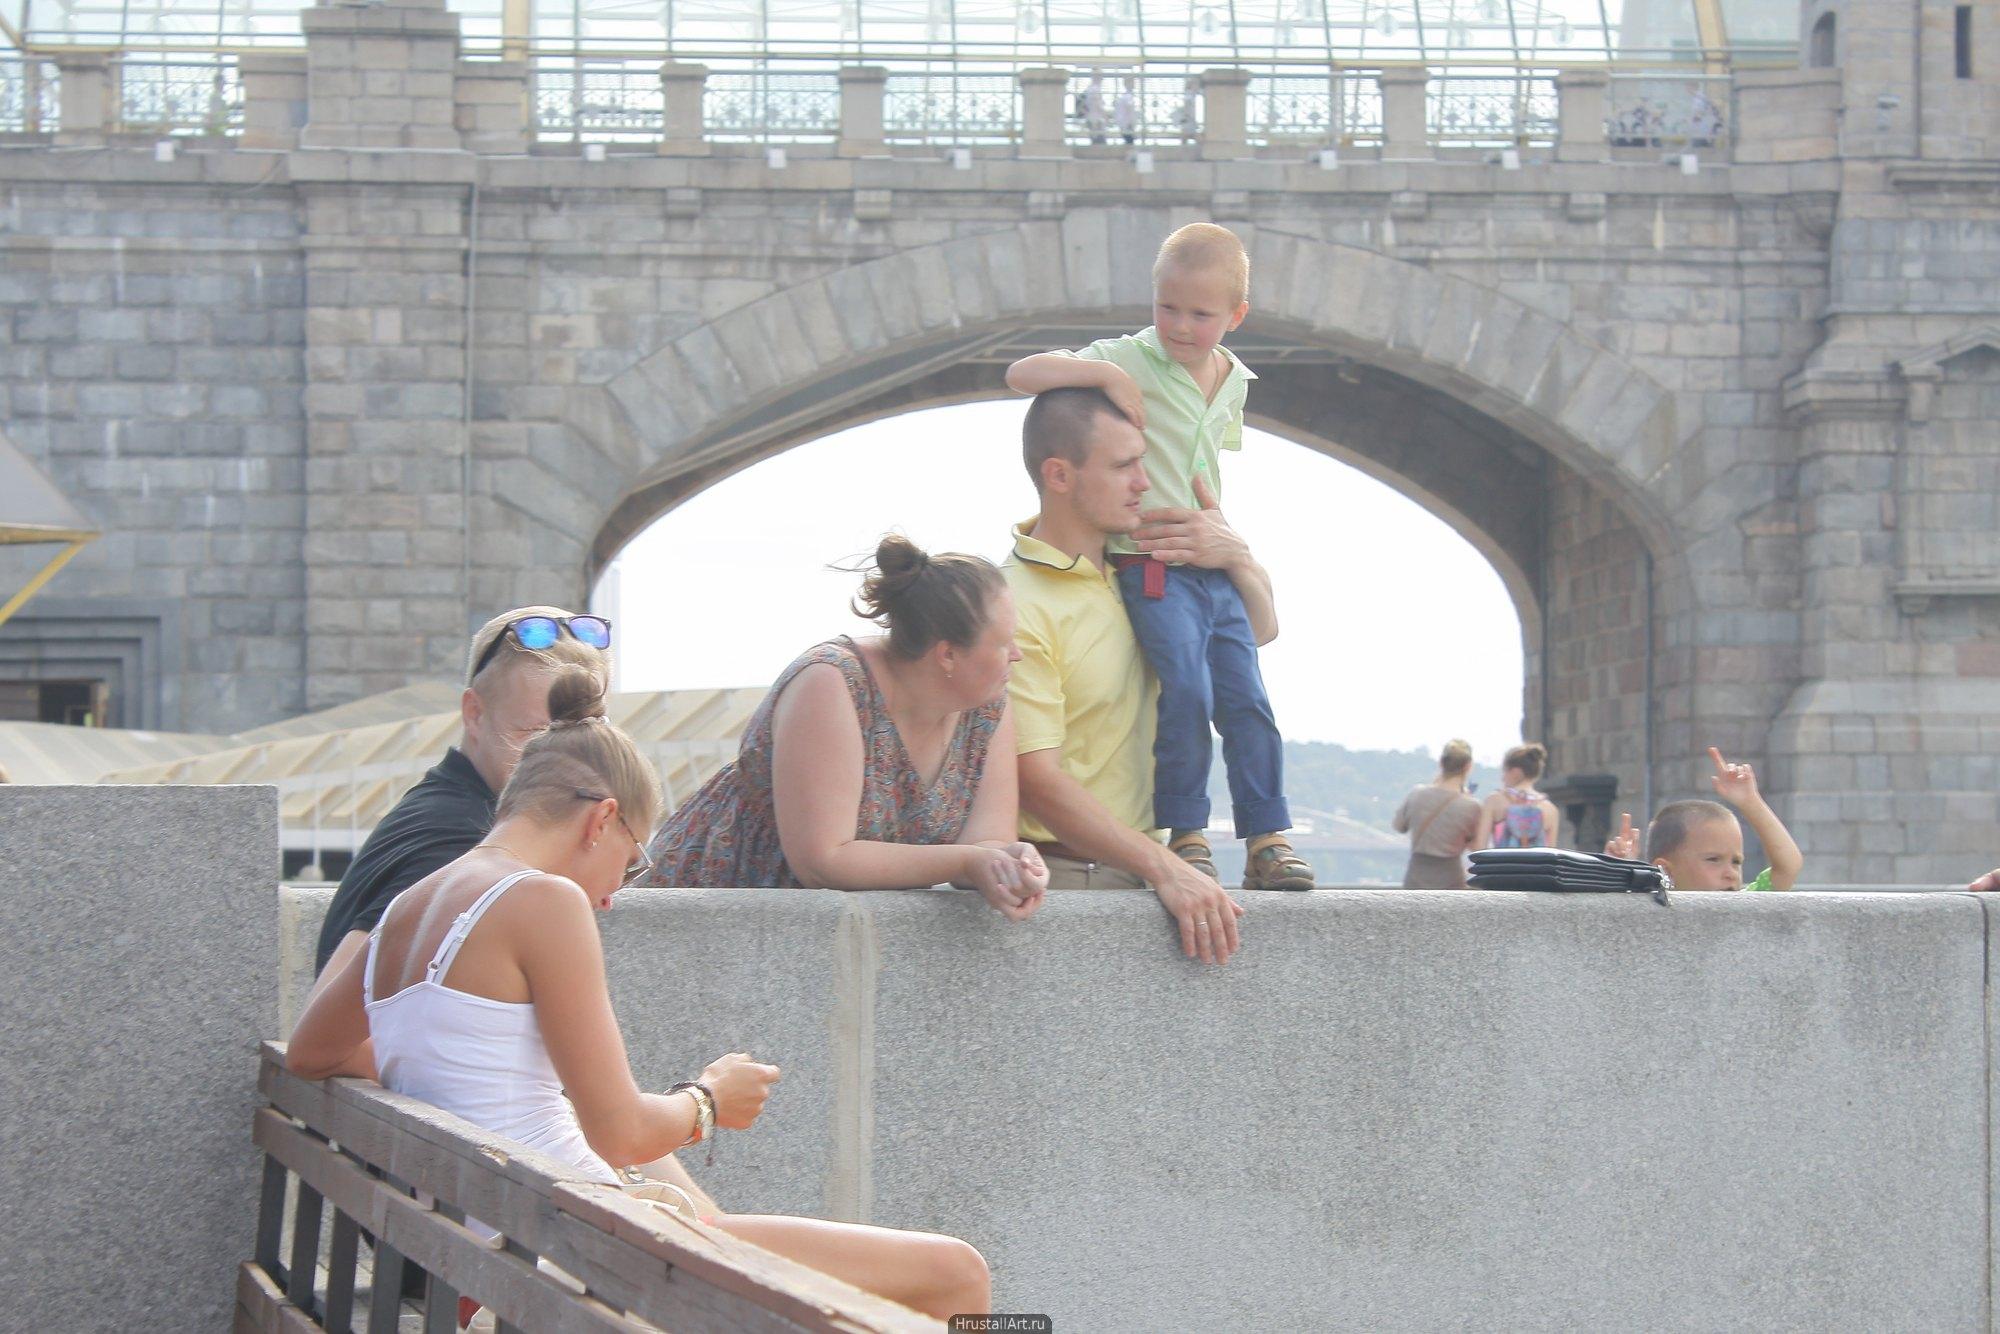 Семья с ребёнком и прочие прохожие залиты летним солнцем. На фоне — арка андреевского моста. Москва.